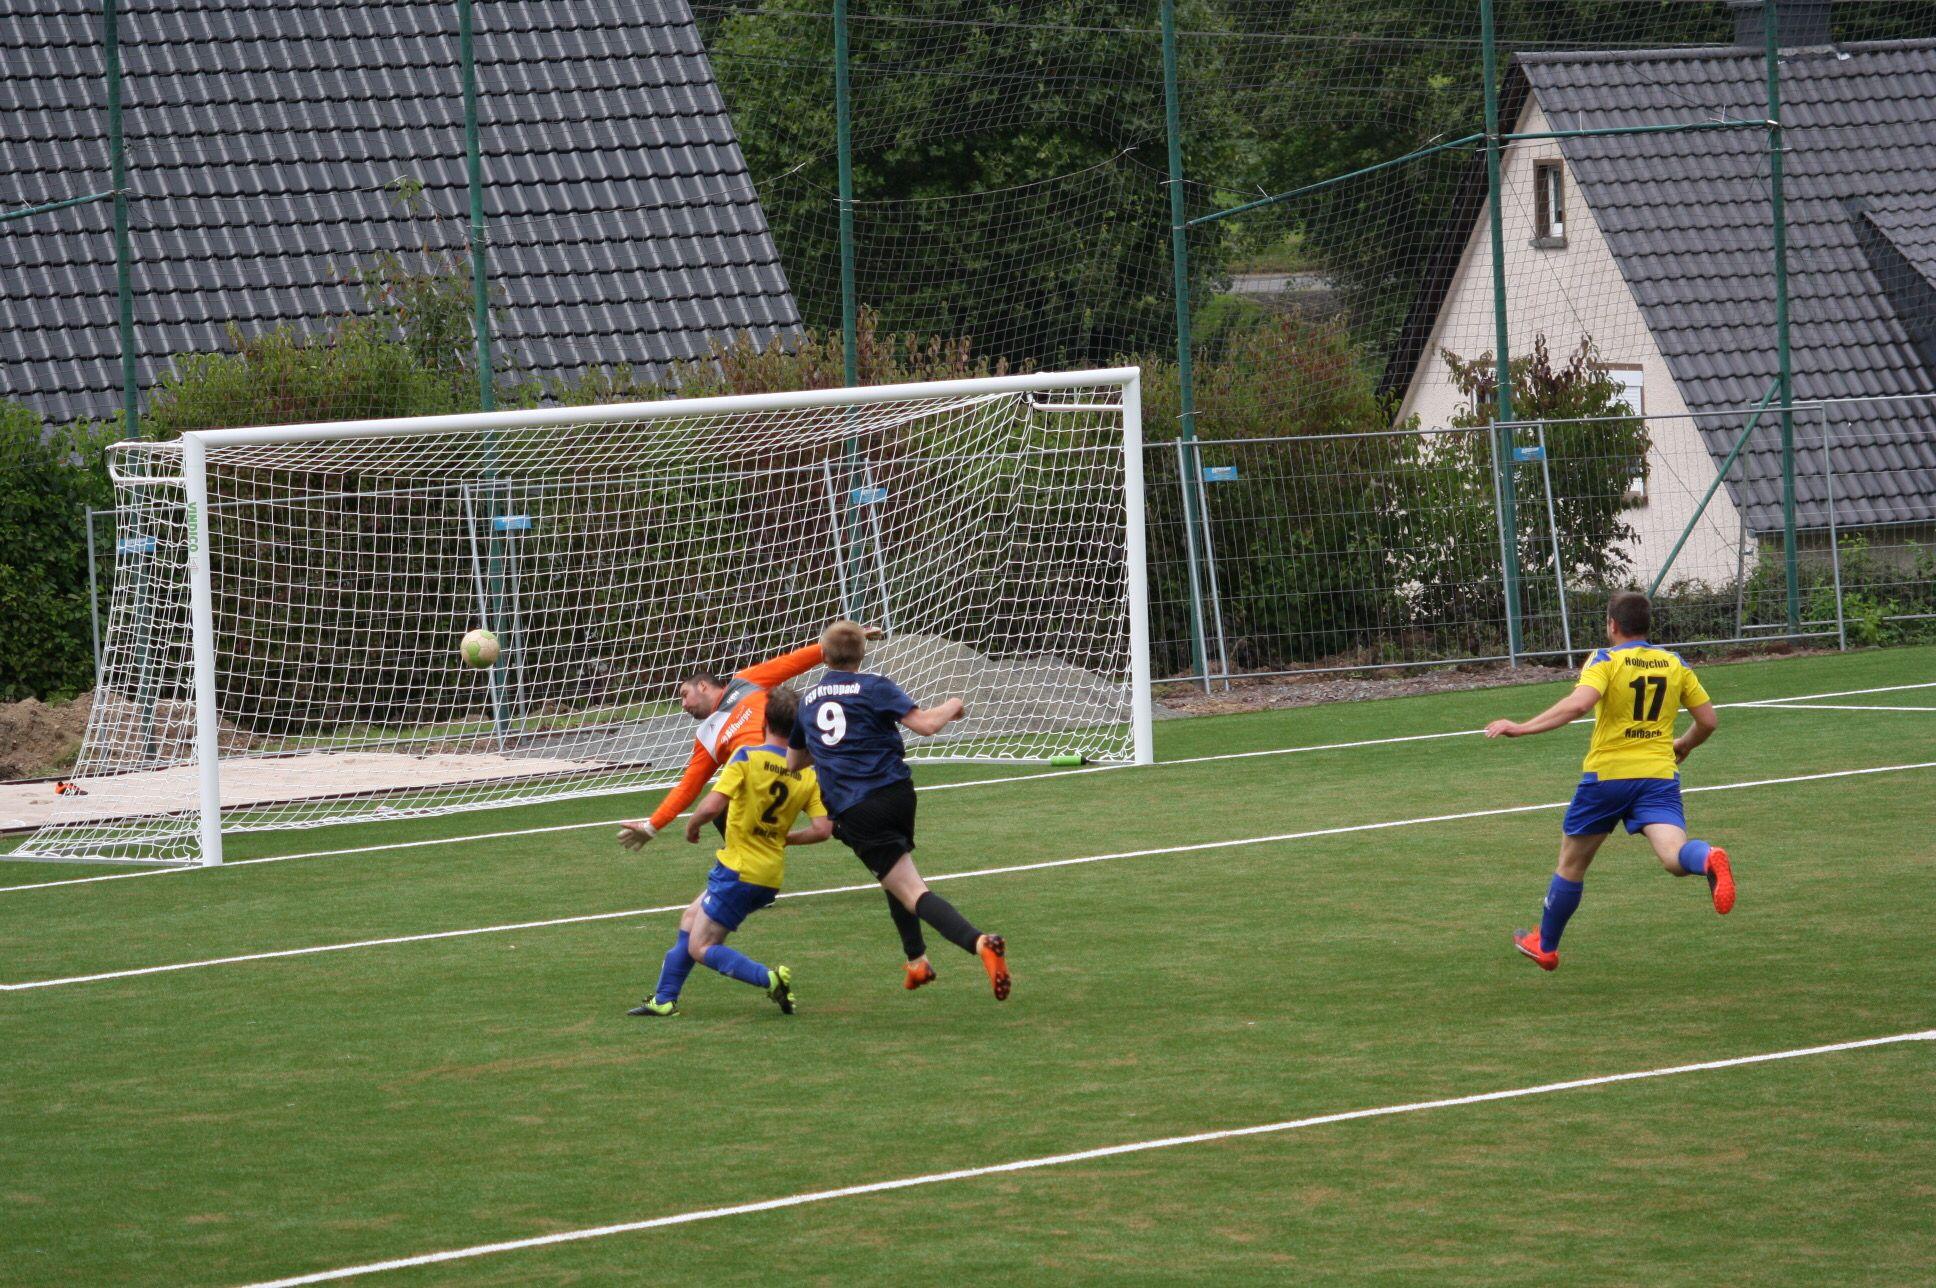 Gregor Neuß erzielt das zwischenzeitliche 3:2.